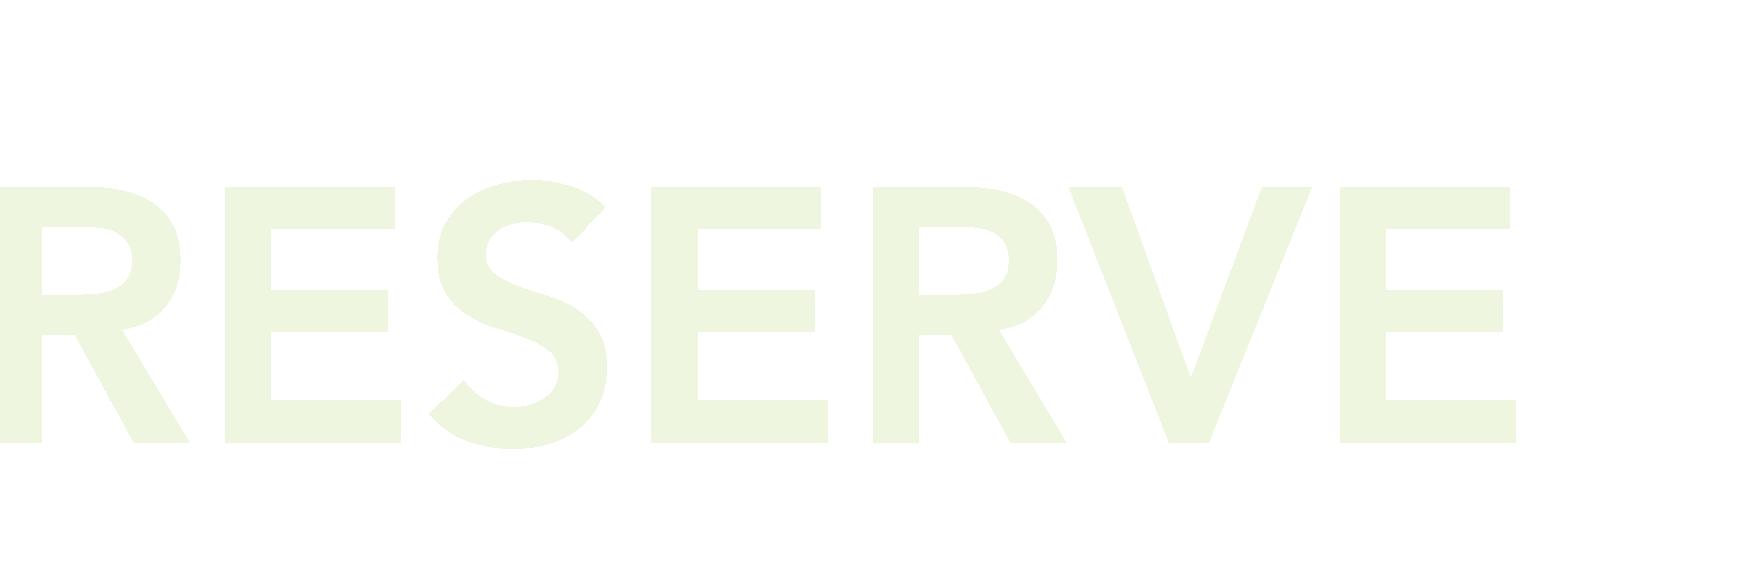 bg-text-reserve